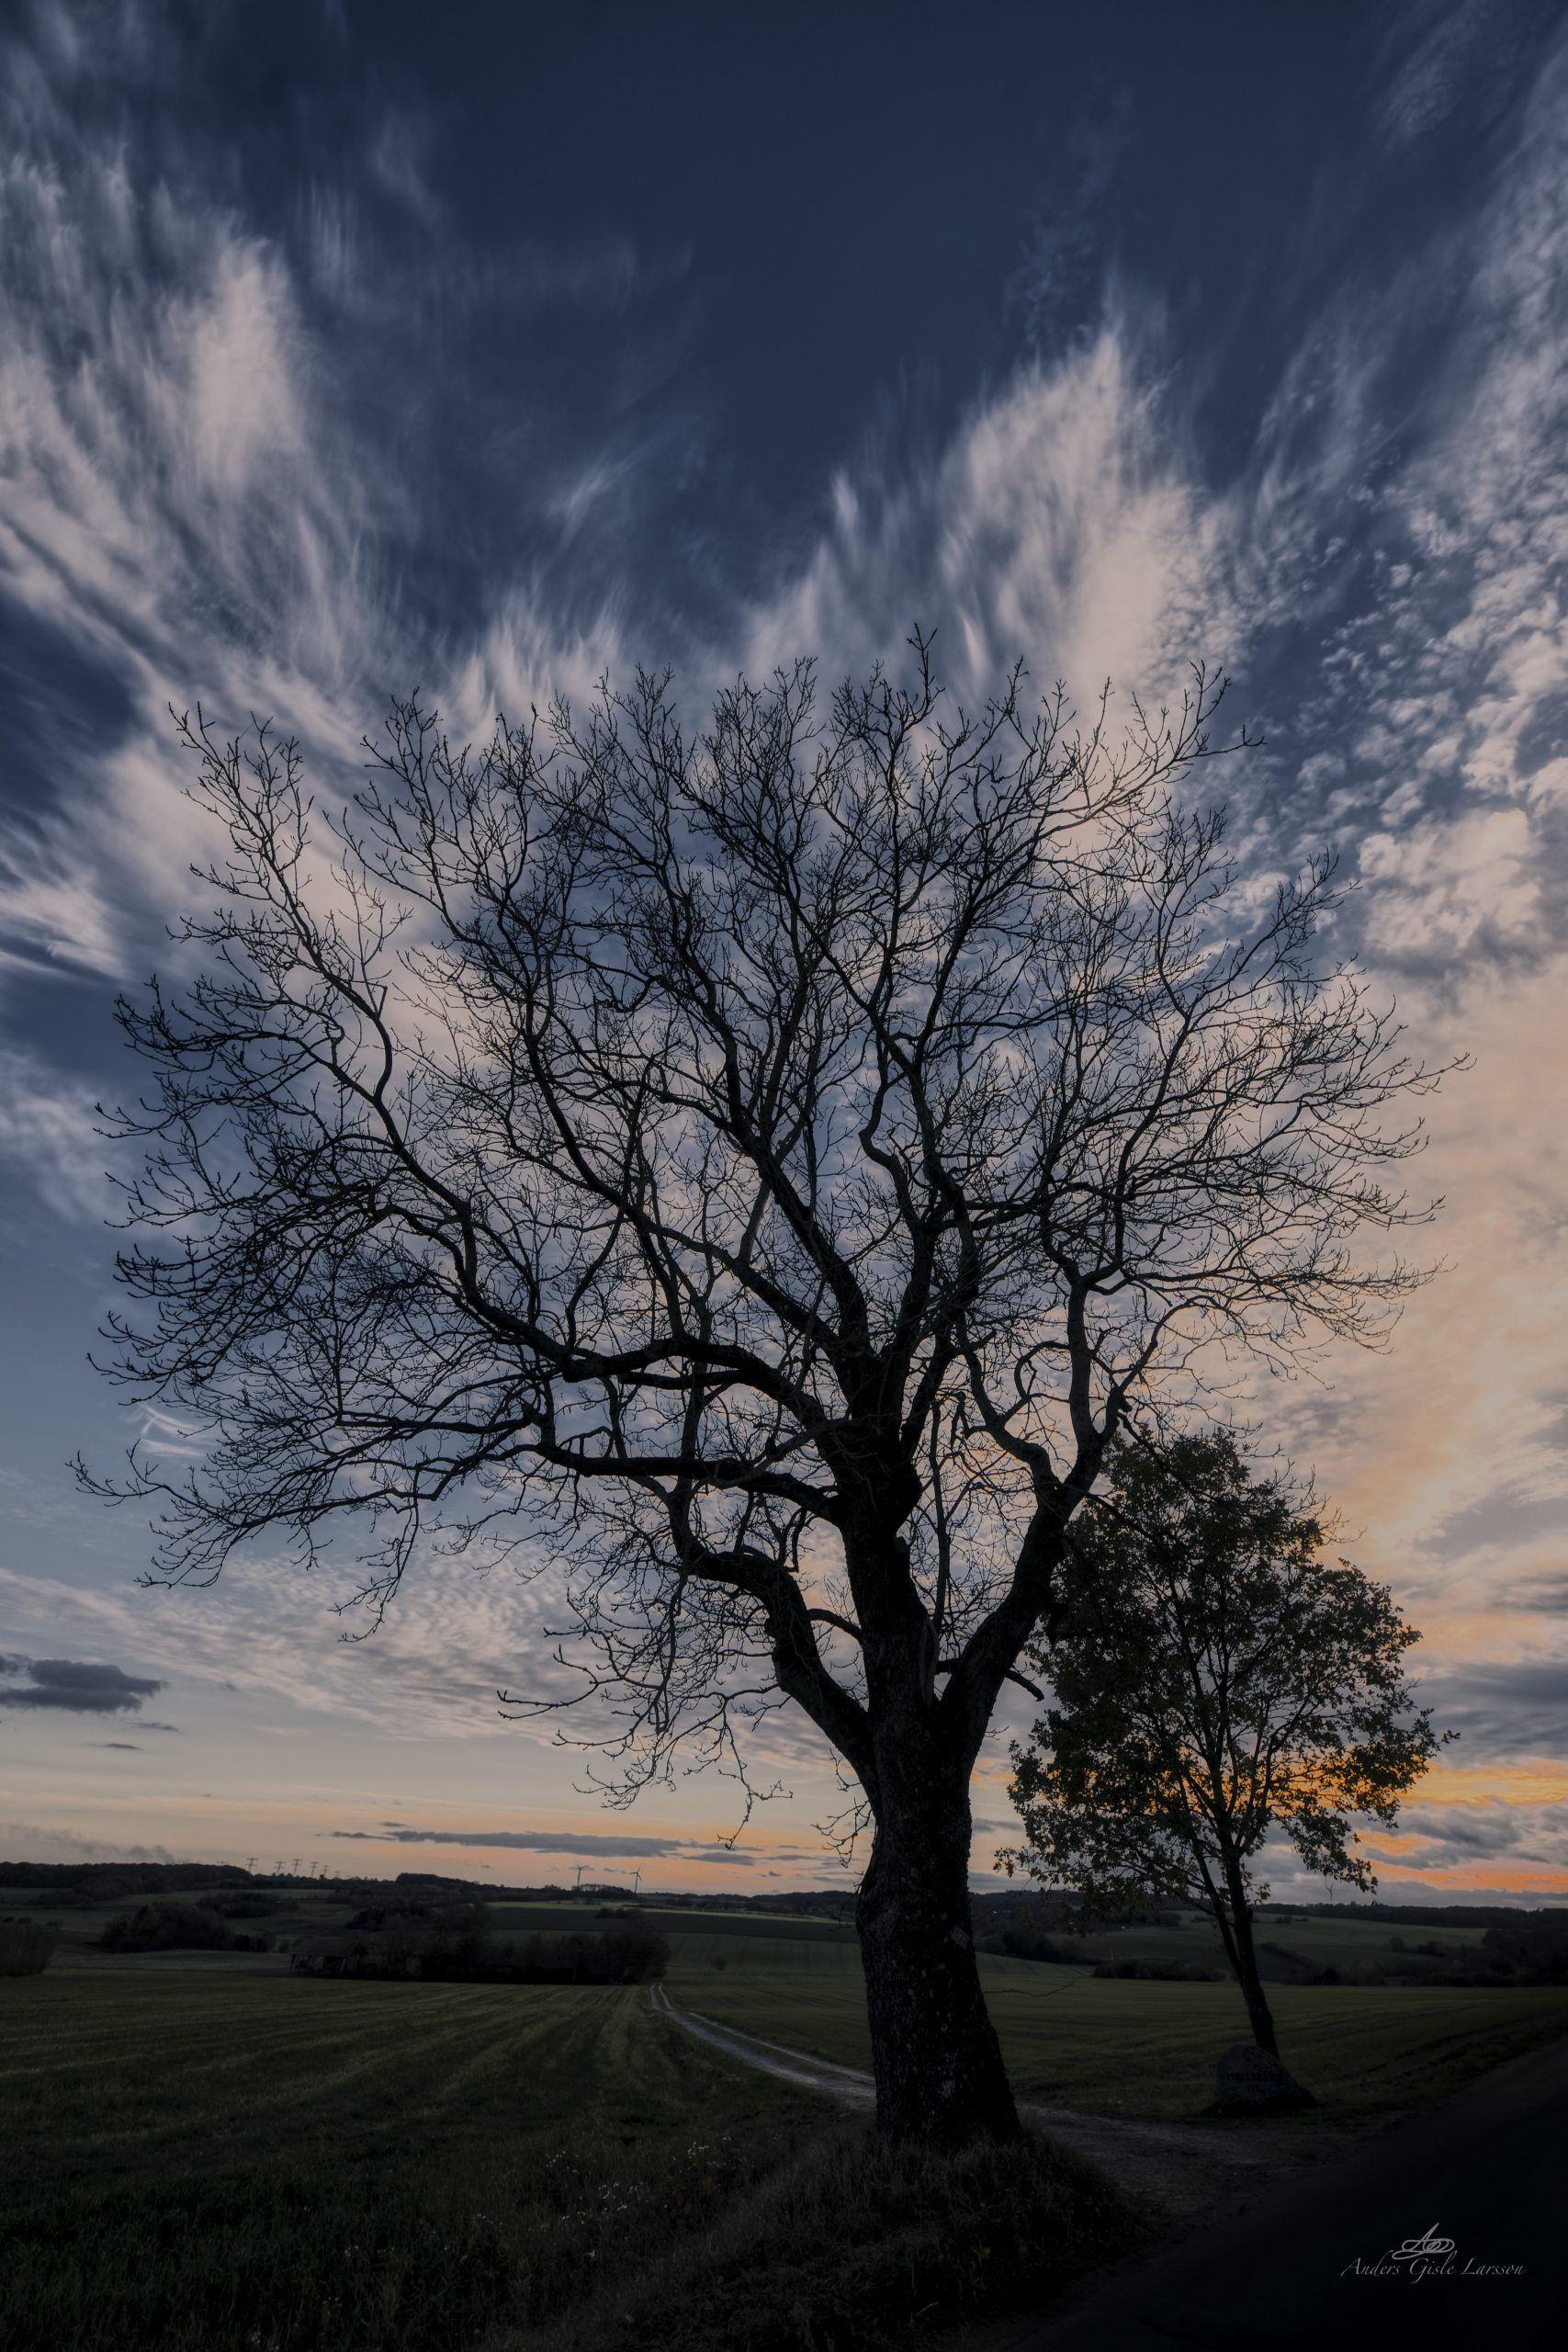 Himmeltræet, 307/365, Uge 44, Tebbestrup, Randers